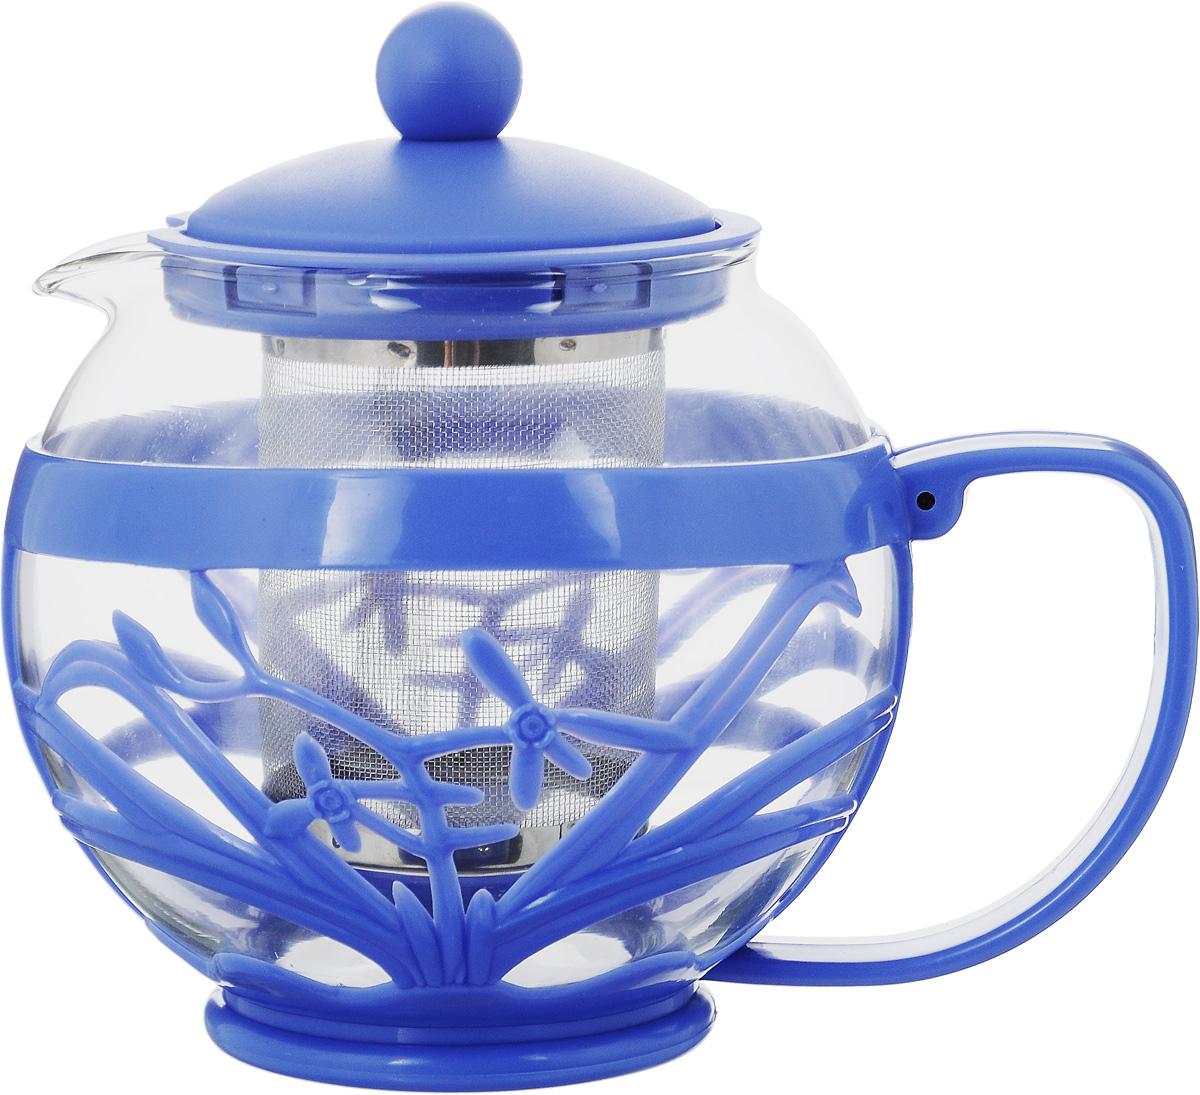 Чайник заварочный Menu Мелисса, с фильтром, цвет: прозрачный, синий, 750 млMLS-75_прозрачный, синийЧайник Menu Мелисса изготовлен из прочного стекла и пластика. Он прекрасно подойдет для заваривания чая и травяных напитков. Классический стиль и оптимальный объем делают его удобным и оригинальным аксессуаром. Изделие имеет удлиненный металлический фильтр, который обеспечивает высокое качество фильтрации напитка и позволяет заварить чай даже при небольшом уровне воды. Ручка чайника не нагревается и обеспечивает безопасность использования. Нельзя мыть в посудомоечной машине. Диаметр чайника (по верхнему краю): 8 см. Высота чайника (без учета крышки): 11 см. Размер фильтра: 6 х 6 х 7,2 см.